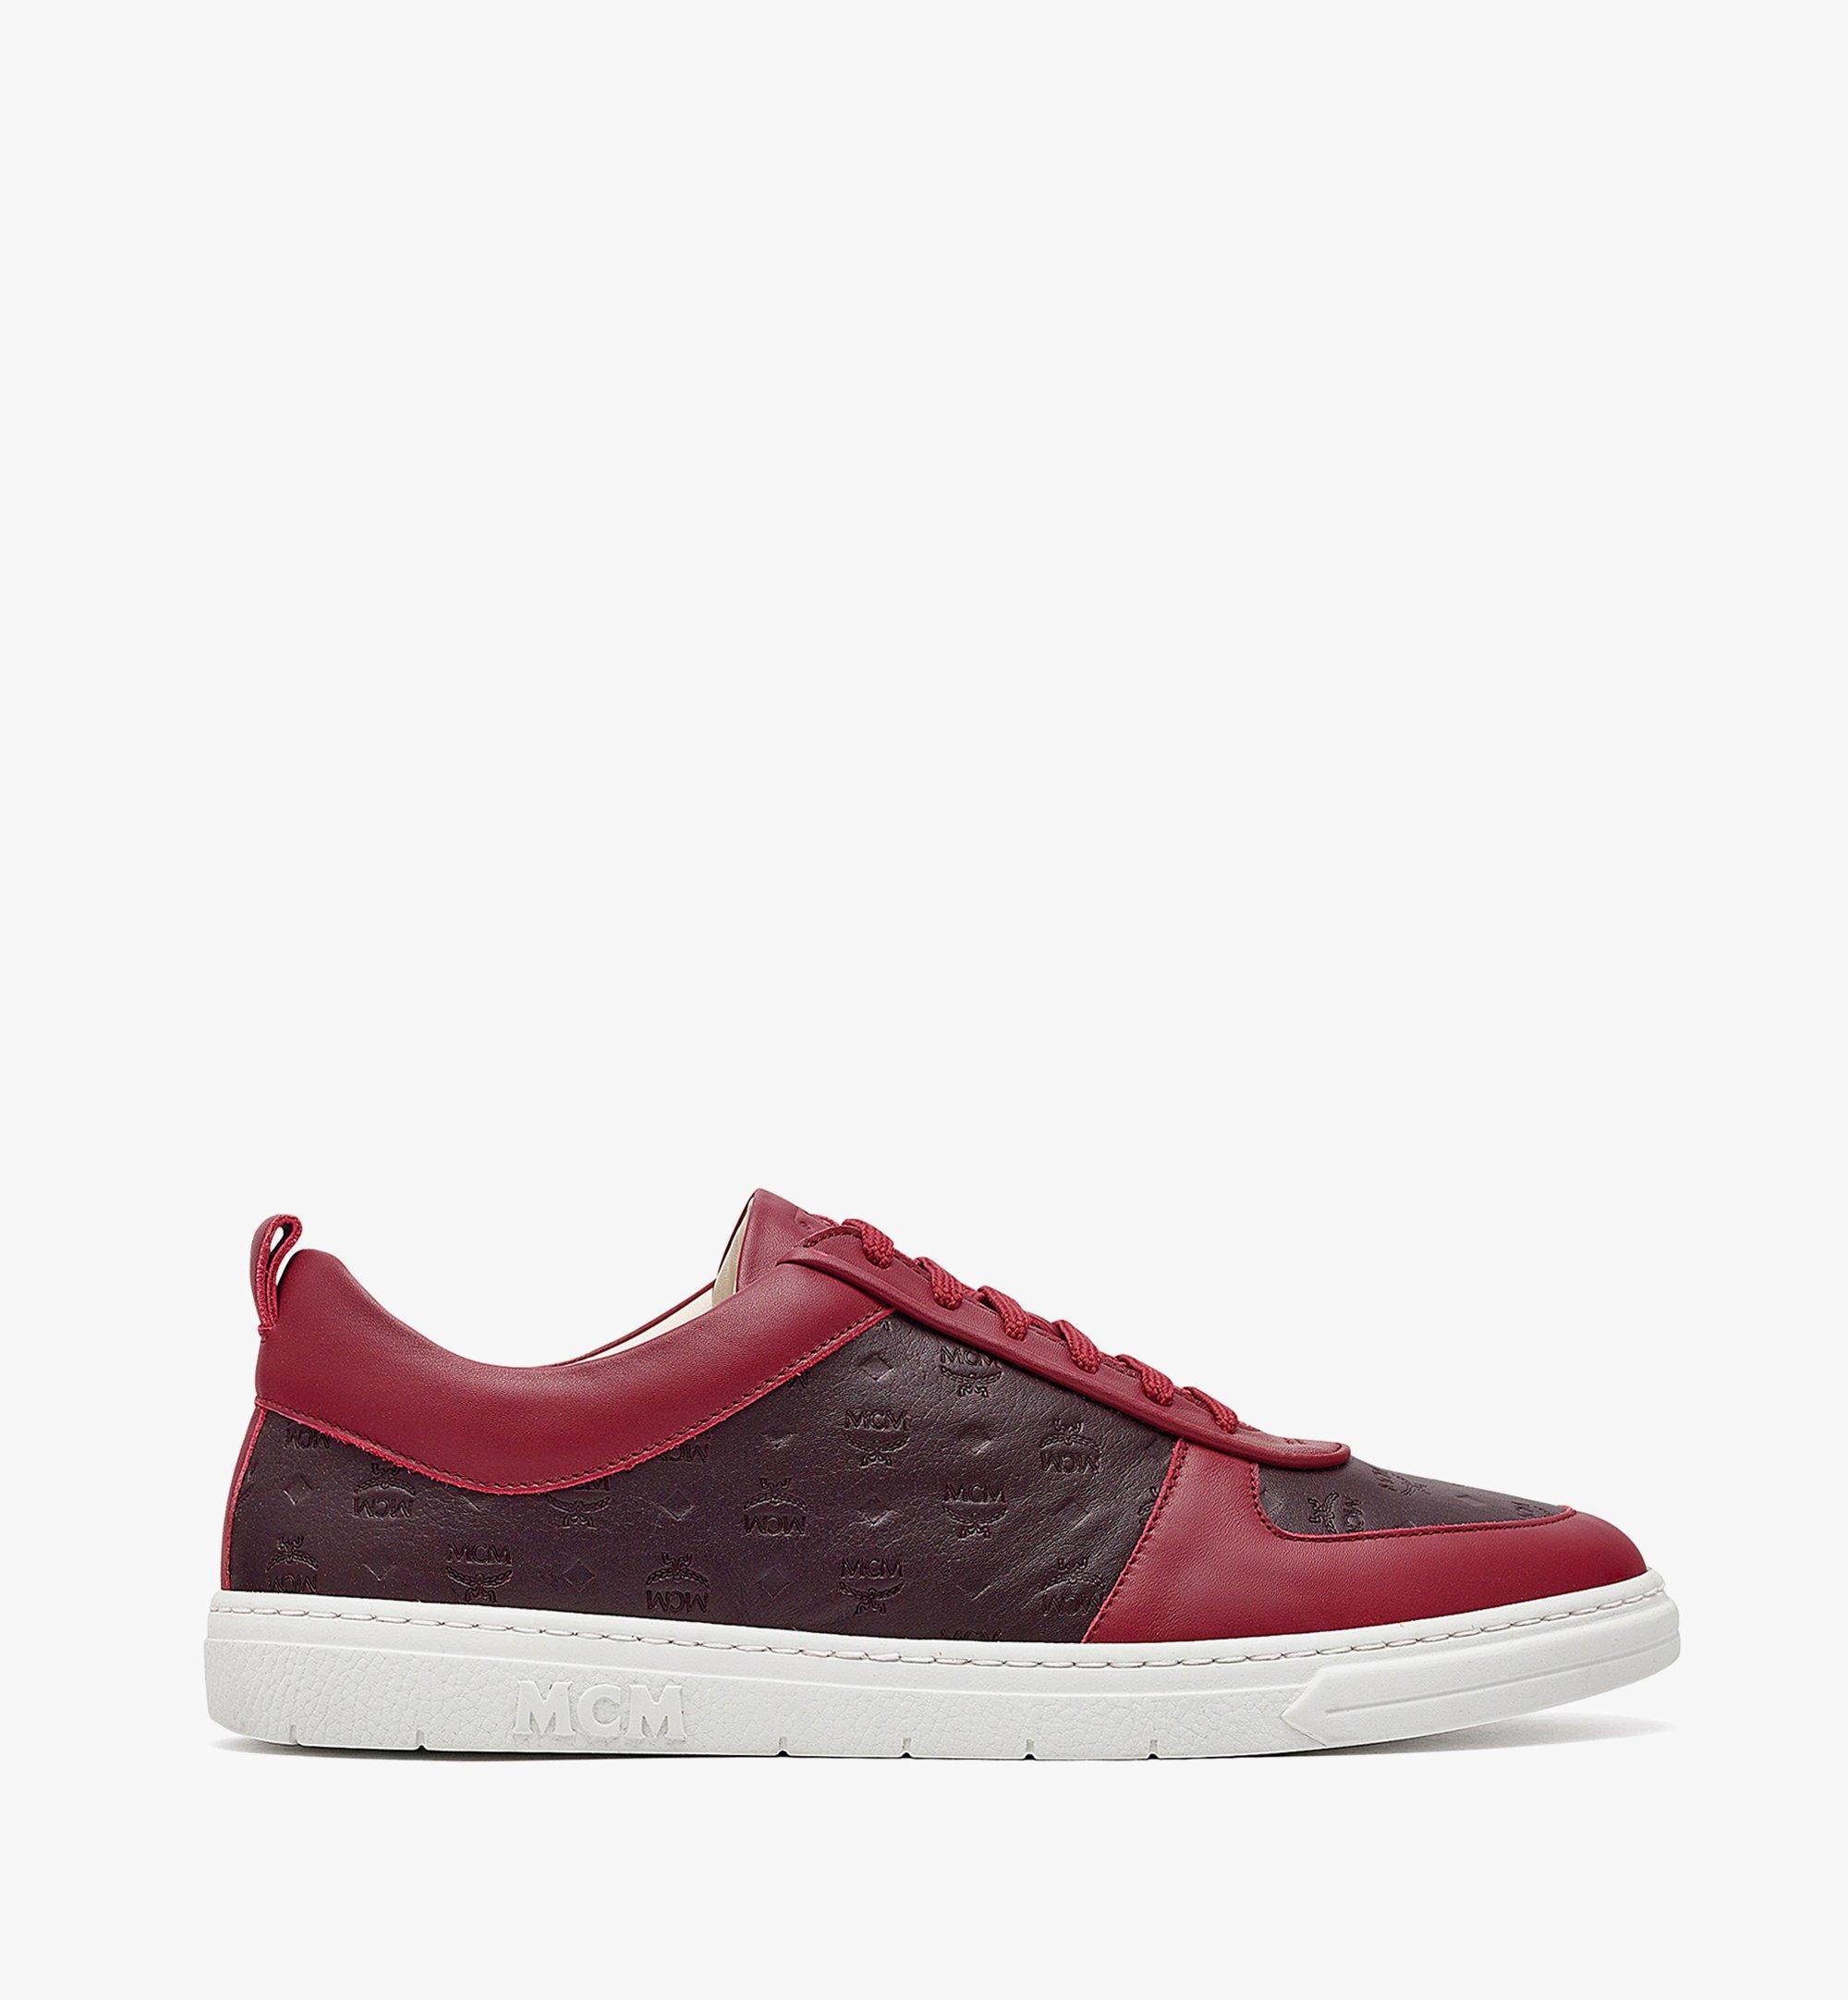 MCM Men's Sustainable Terrain Lo Sneakers in Monogram Leather Brown MEXBAMM01N9041 Alternate View 3